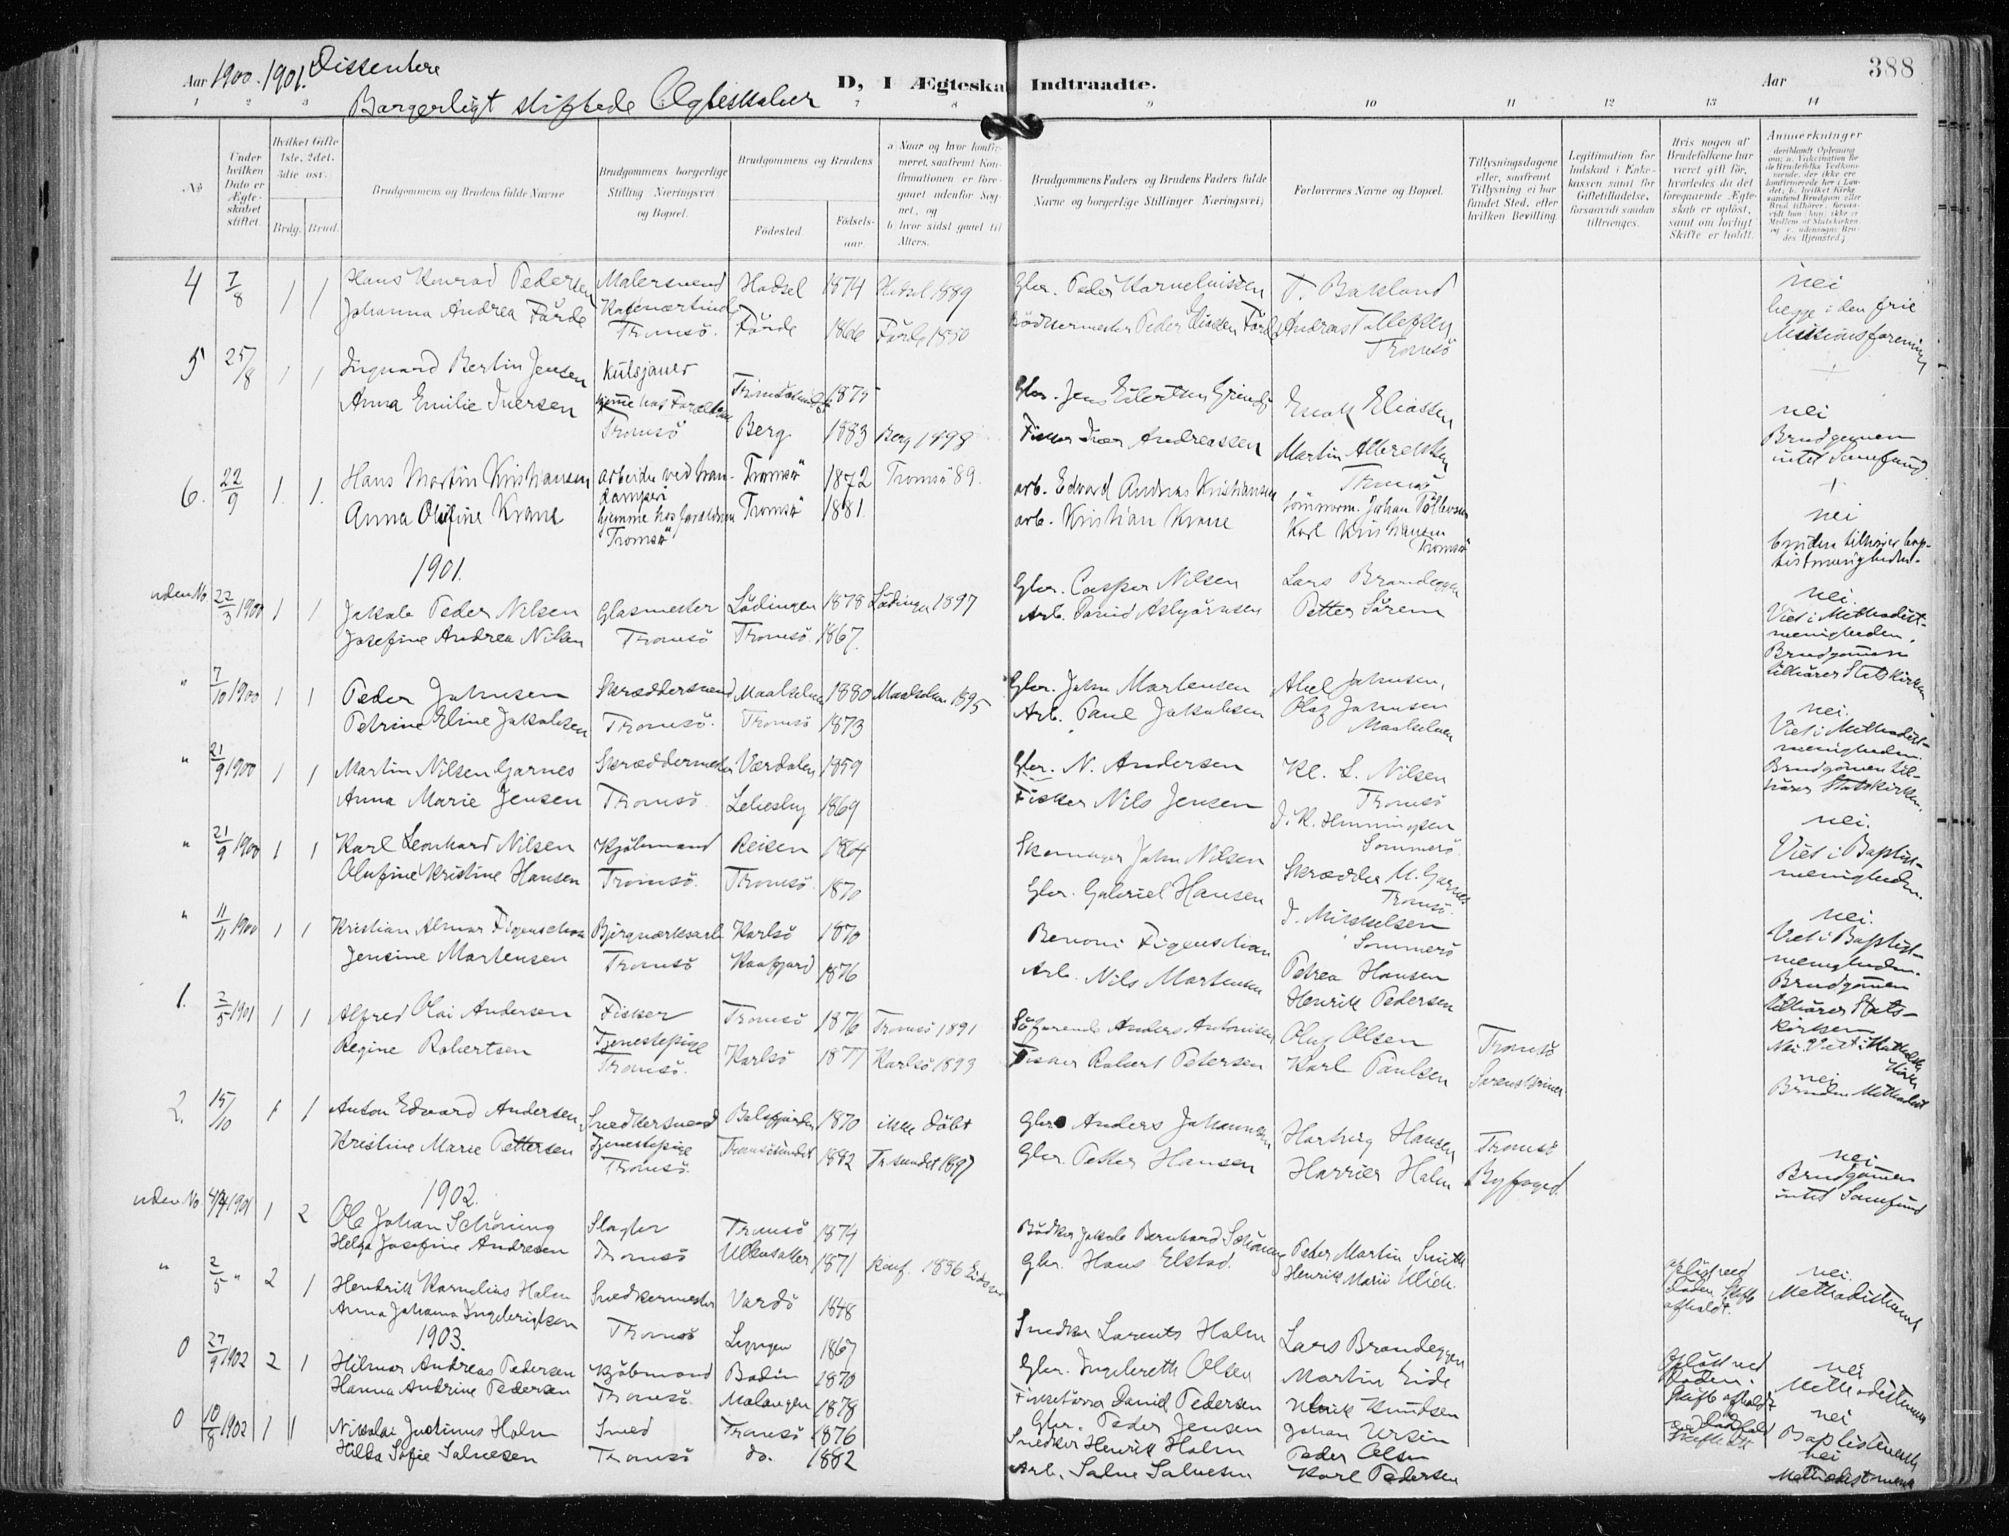 SATØ, Tromsø sokneprestkontor/stiftsprosti/domprosti, G/Ga/L0016kirke: Ministerialbok nr. 16, 1899-1906, s. 388